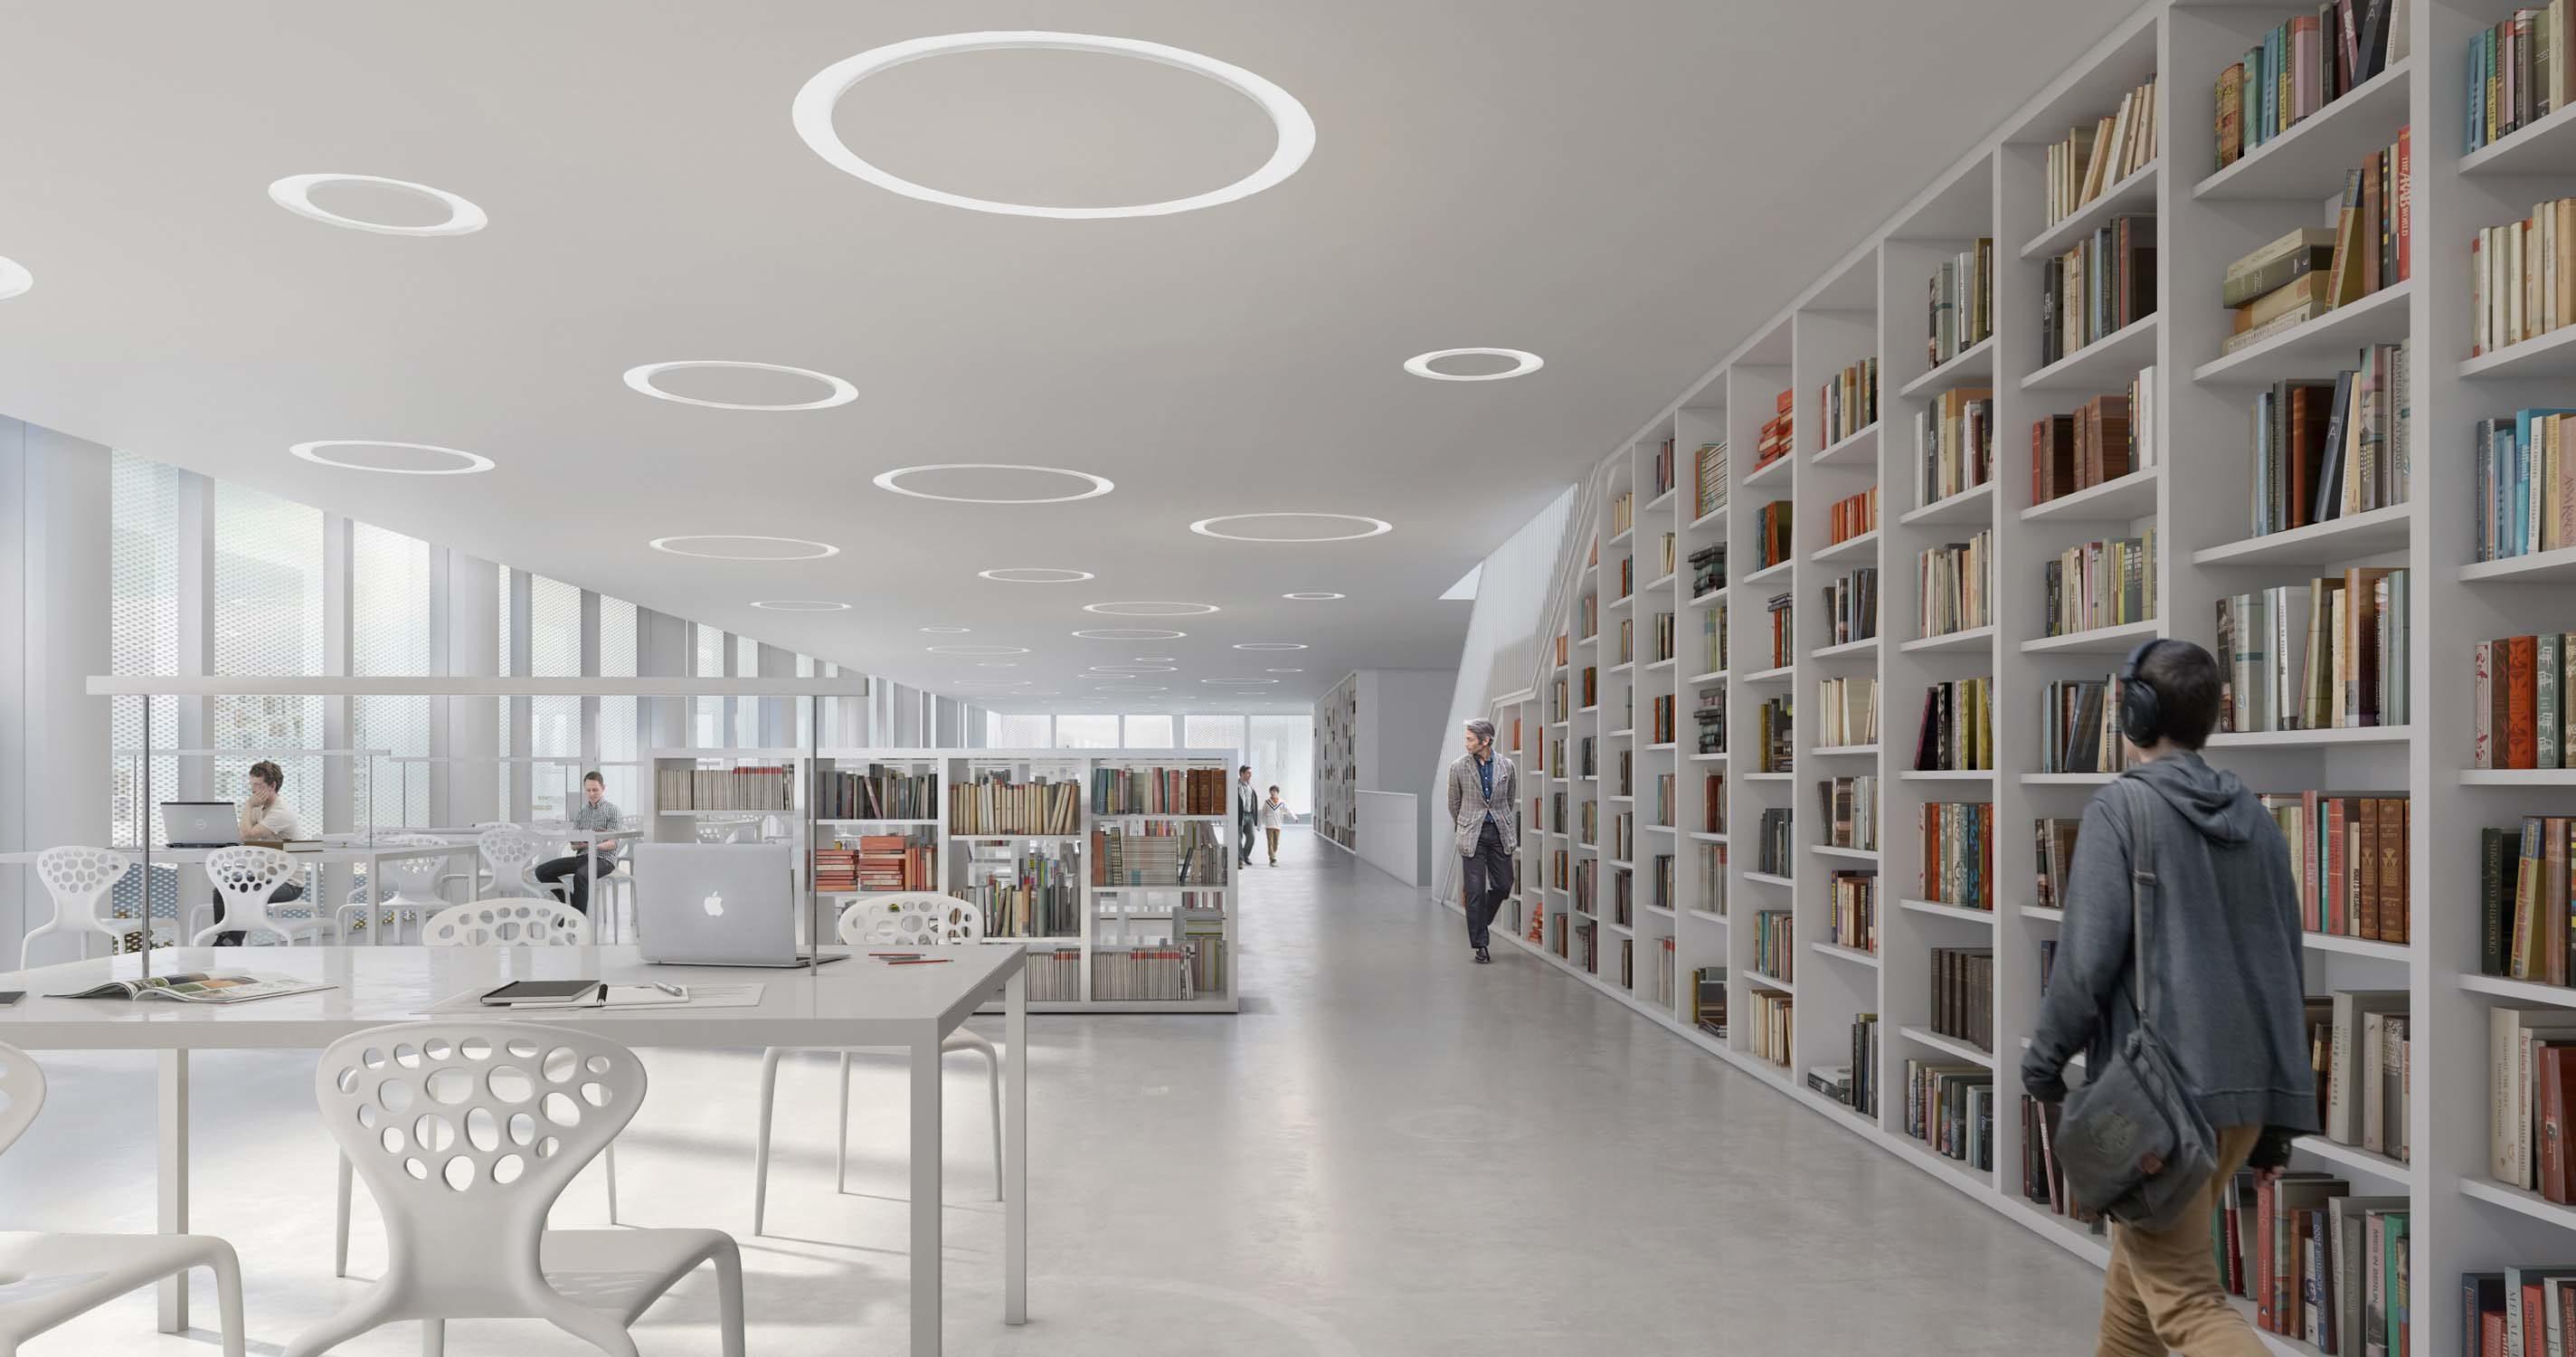 New library in Varna – AMA Andrea maffei Architects, 2016